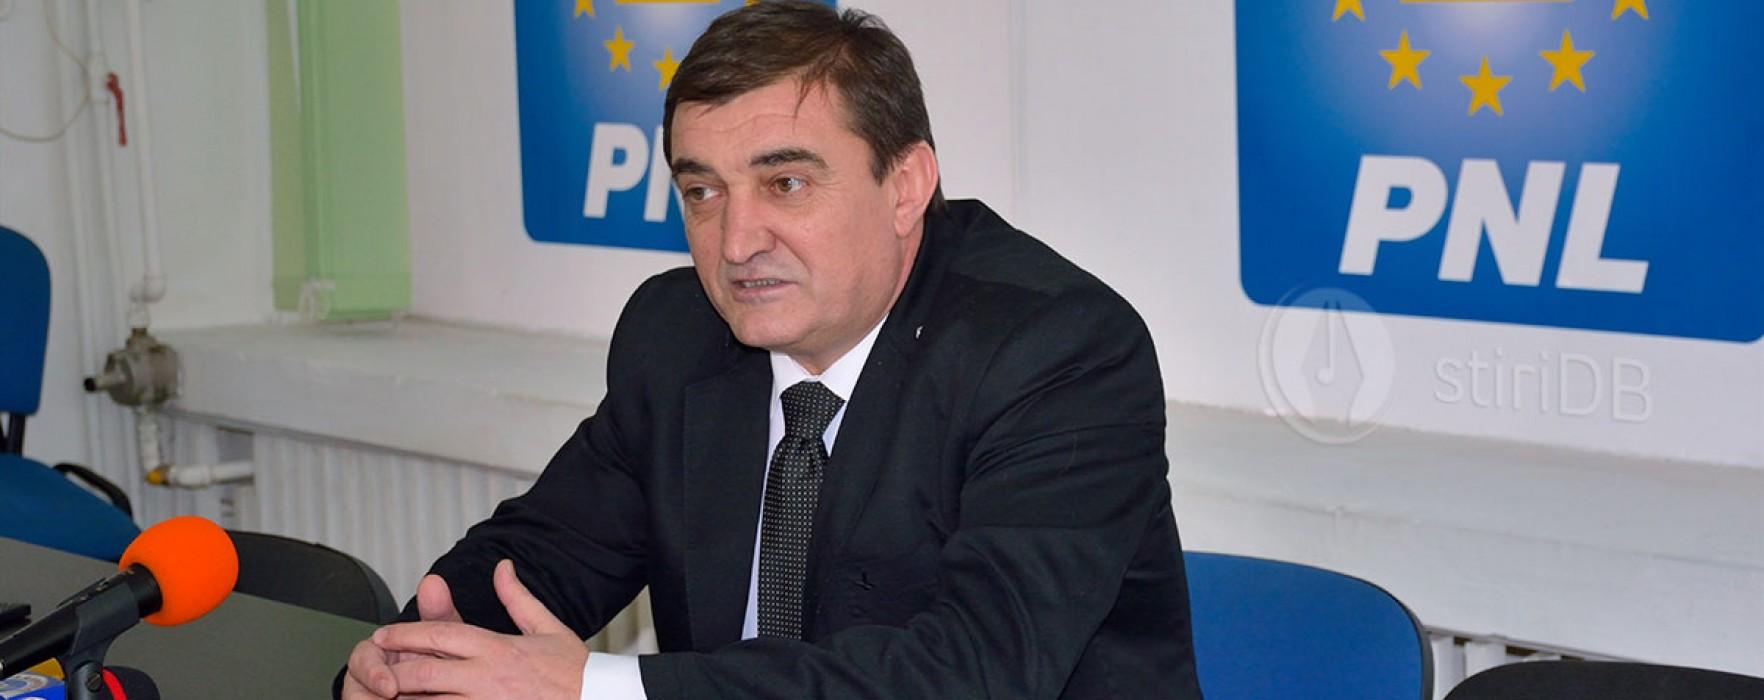 Iulian Vladu (PNL): Îmi e jenă cu colegii din Parlament care calcă în picioare interesul naţional